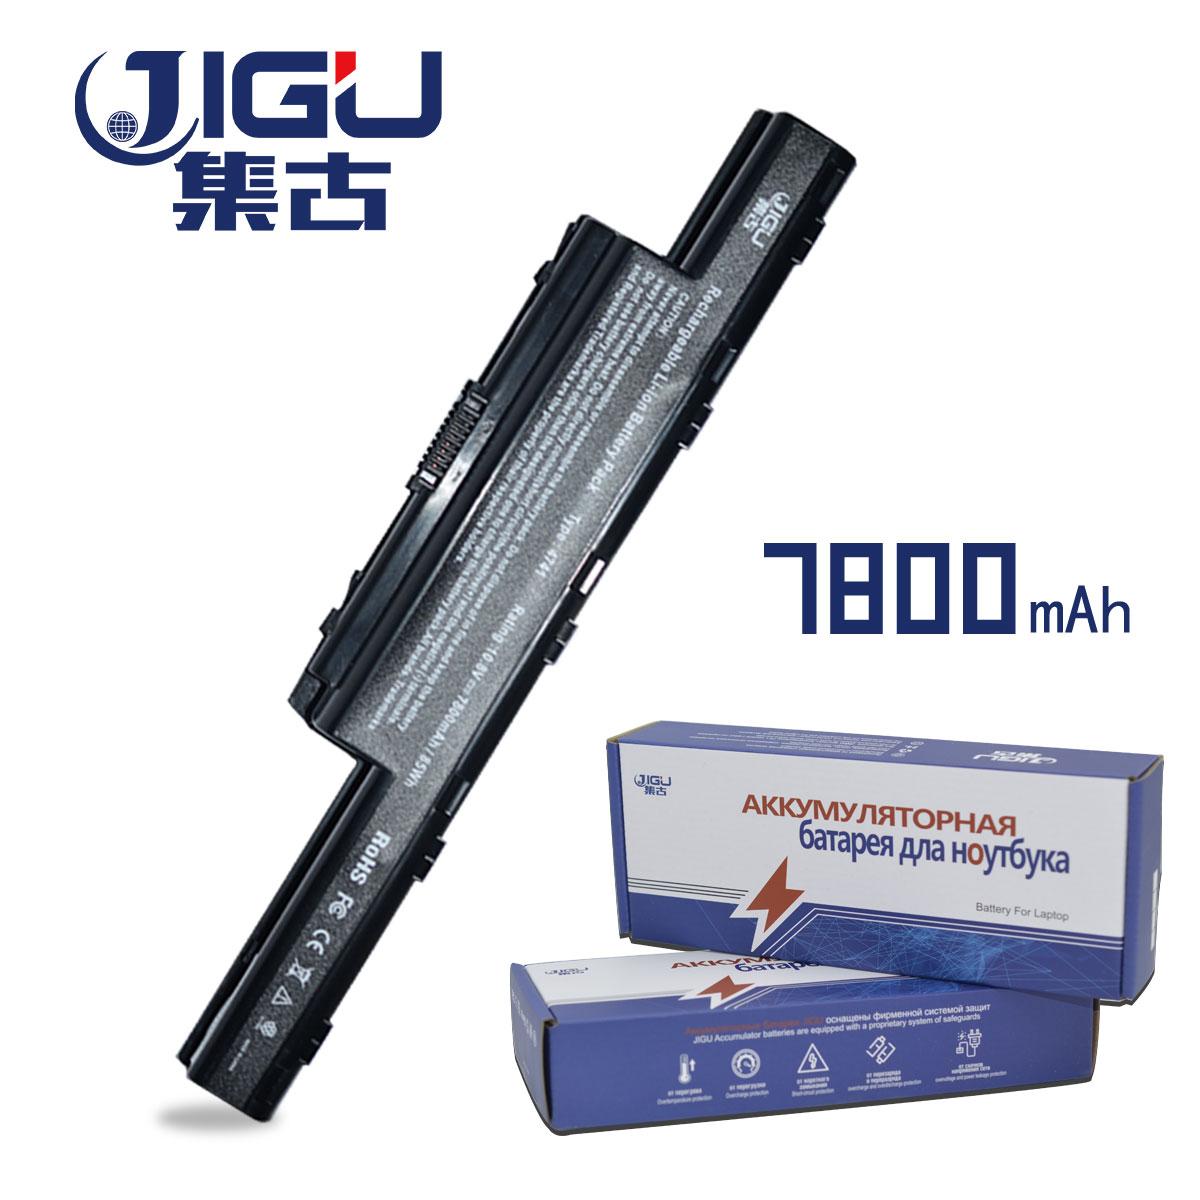 JIGU 7750G nueva batería del ordenador portátil para Acer Aspire V3 V3-471G V3-551G V3-571G V3-771G E1 E1-421 E1-431 E1-471 E1-531 E1-571 serie